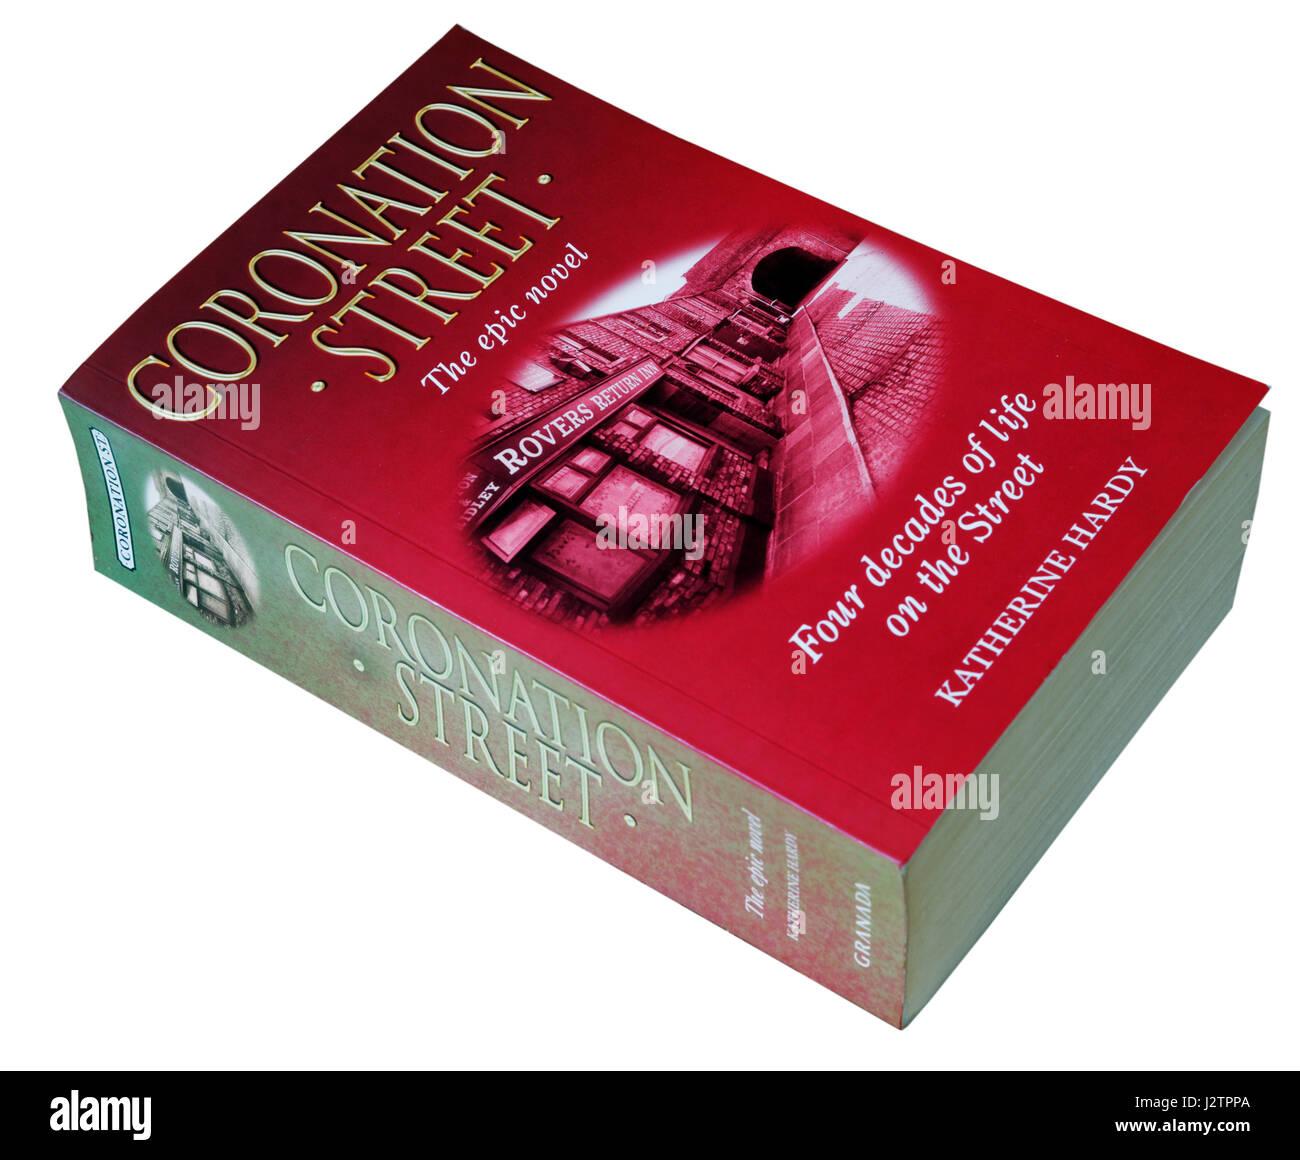 Coronation Street: The Epic Novel by Katherine Hardy - Stock Image